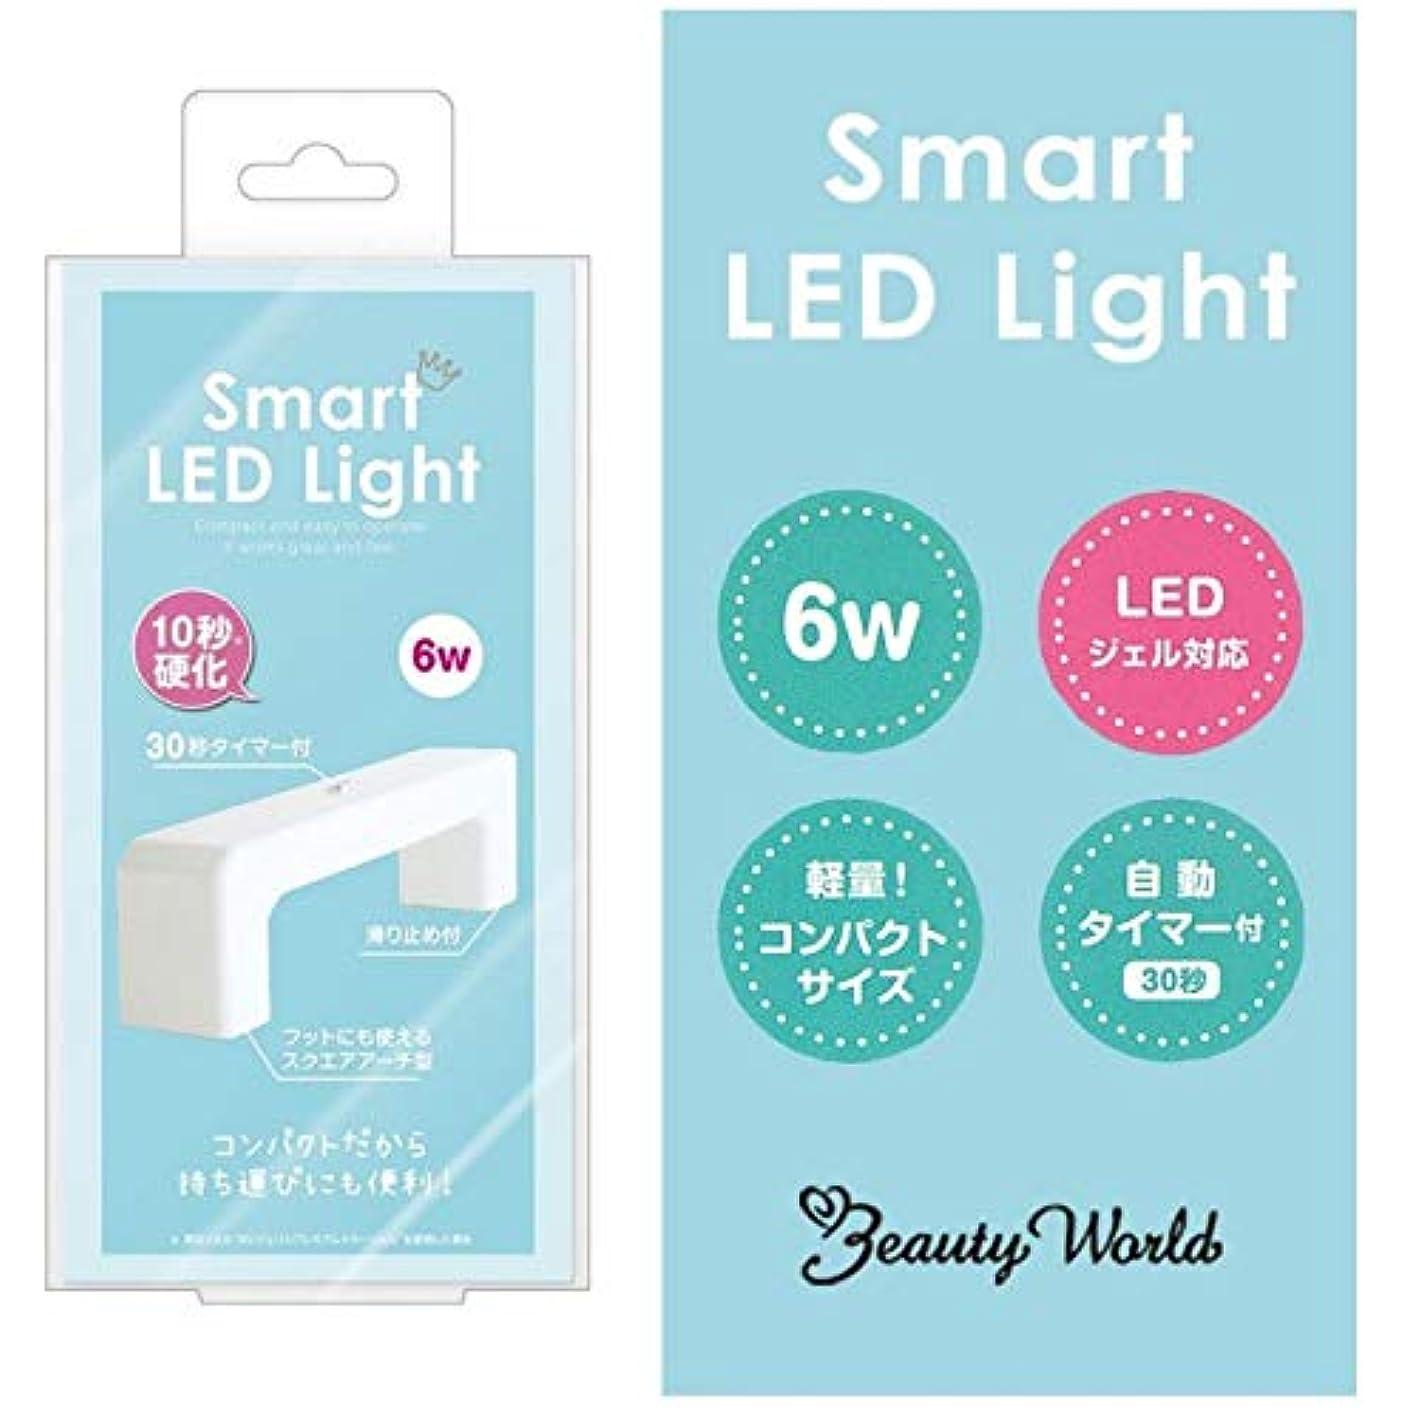 夫怒り見落とすスマートLEDライト LED3801 6W チップ型 LED ライト スクエアアーチ型 自動タイマー付 ハンド フット ジェル ネイル スピーディー 硬化 コンパクト 軽量